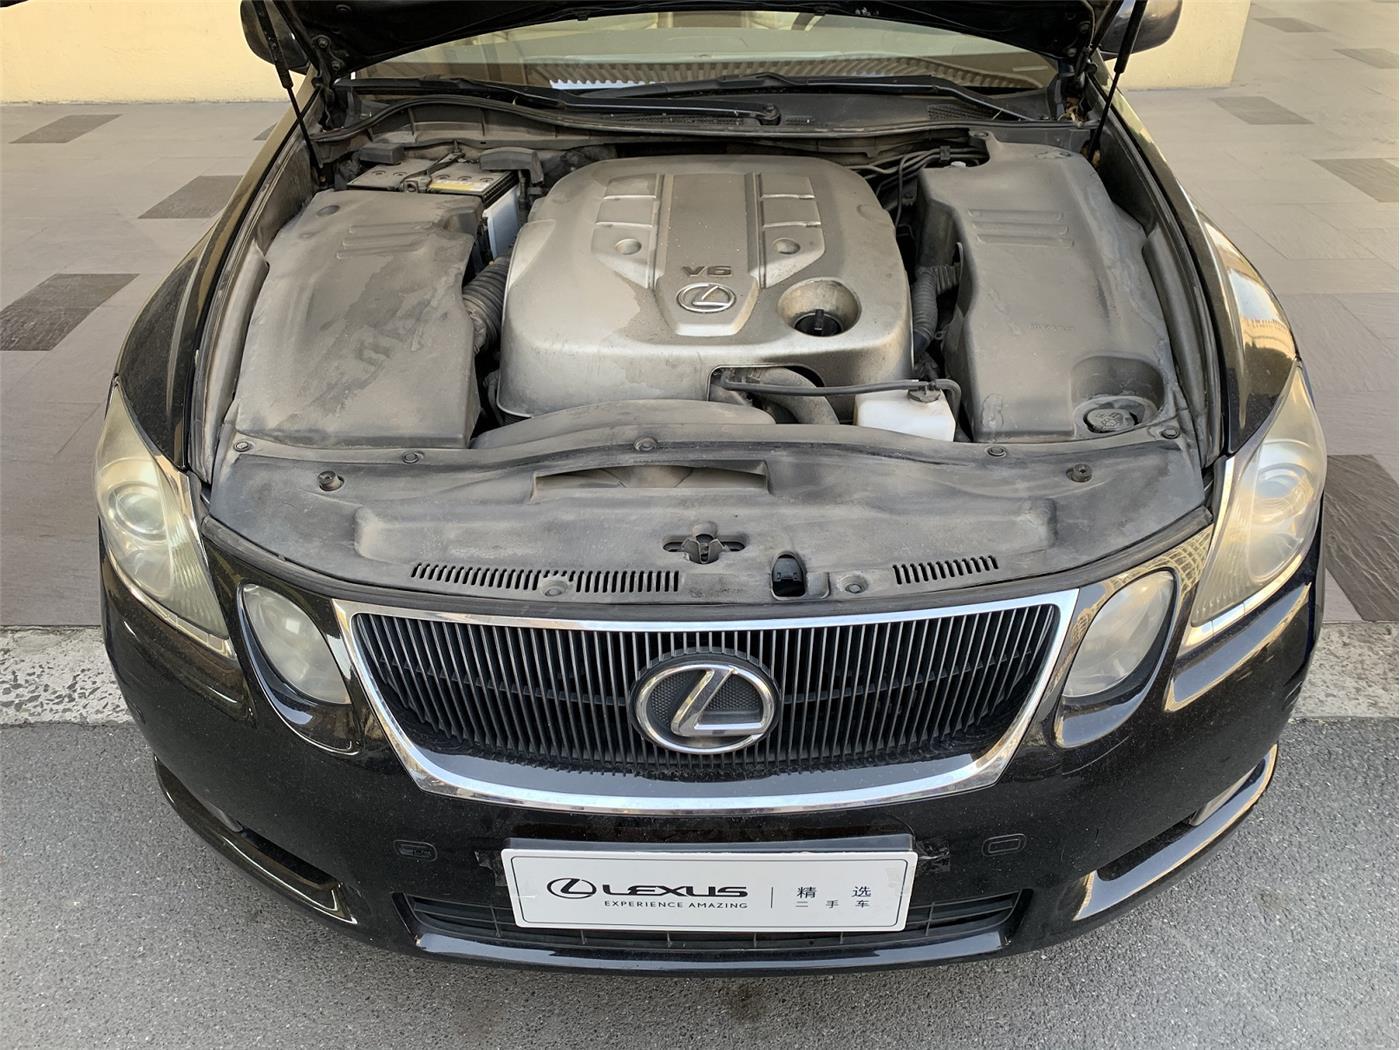 雷克萨斯GS 300 3.0 A/MT后驱豪华型[200503]